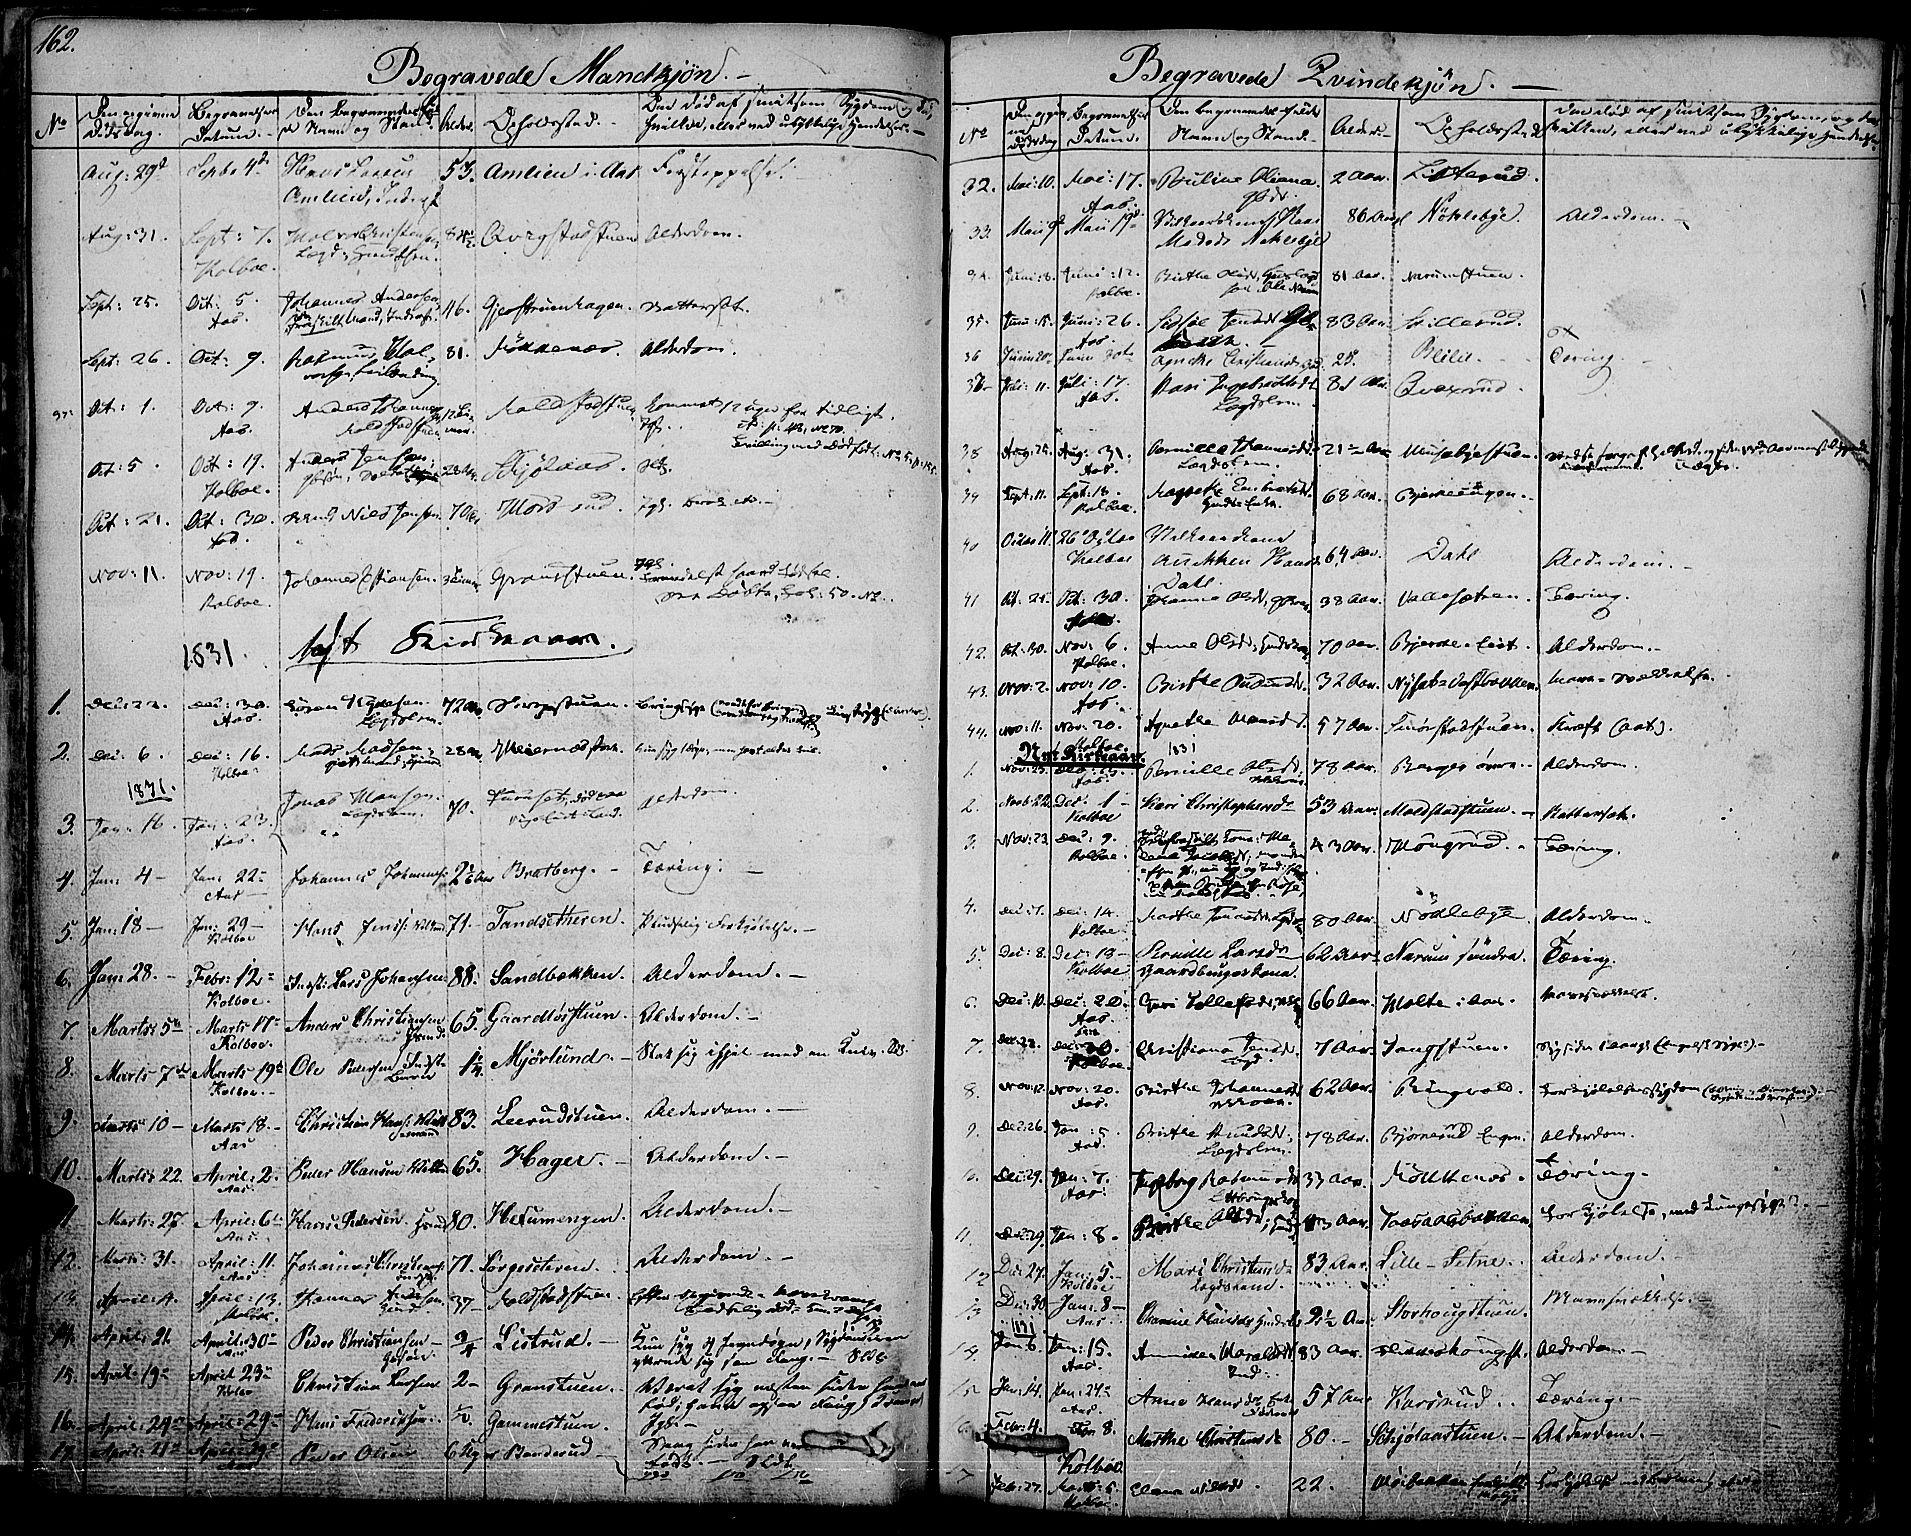 SAH, Vestre Toten prestekontor, Ministerialbok nr. 2, 1825-1837, s. 162